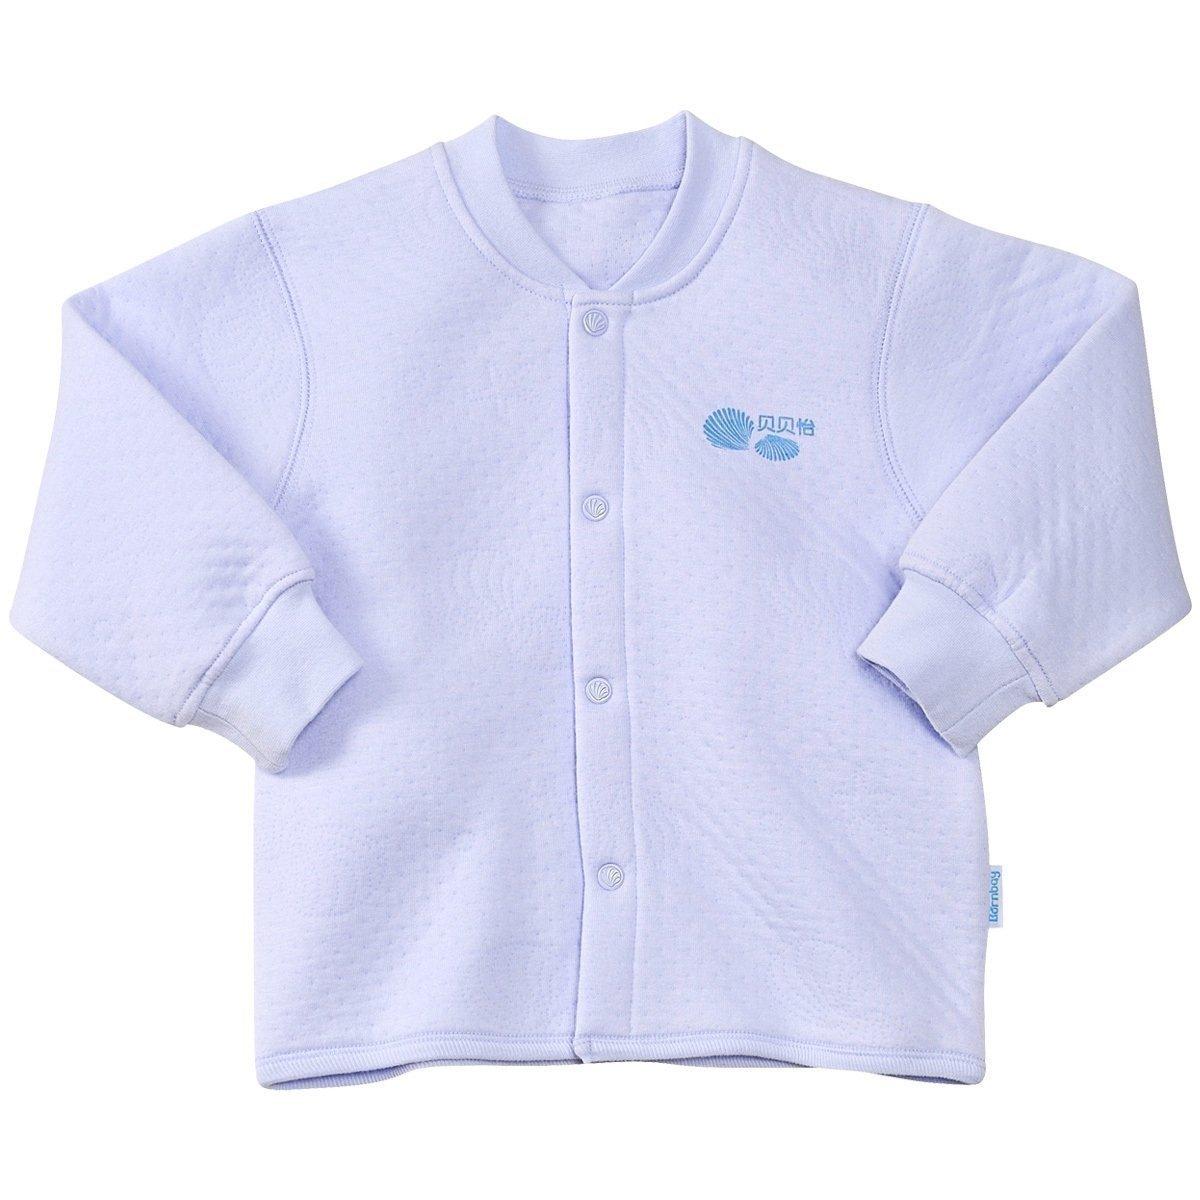 贝贝怡婴幼儿童婴儿保暖内衣加厚秋冬装纯棉衣服宝宝单件上衣夹棉